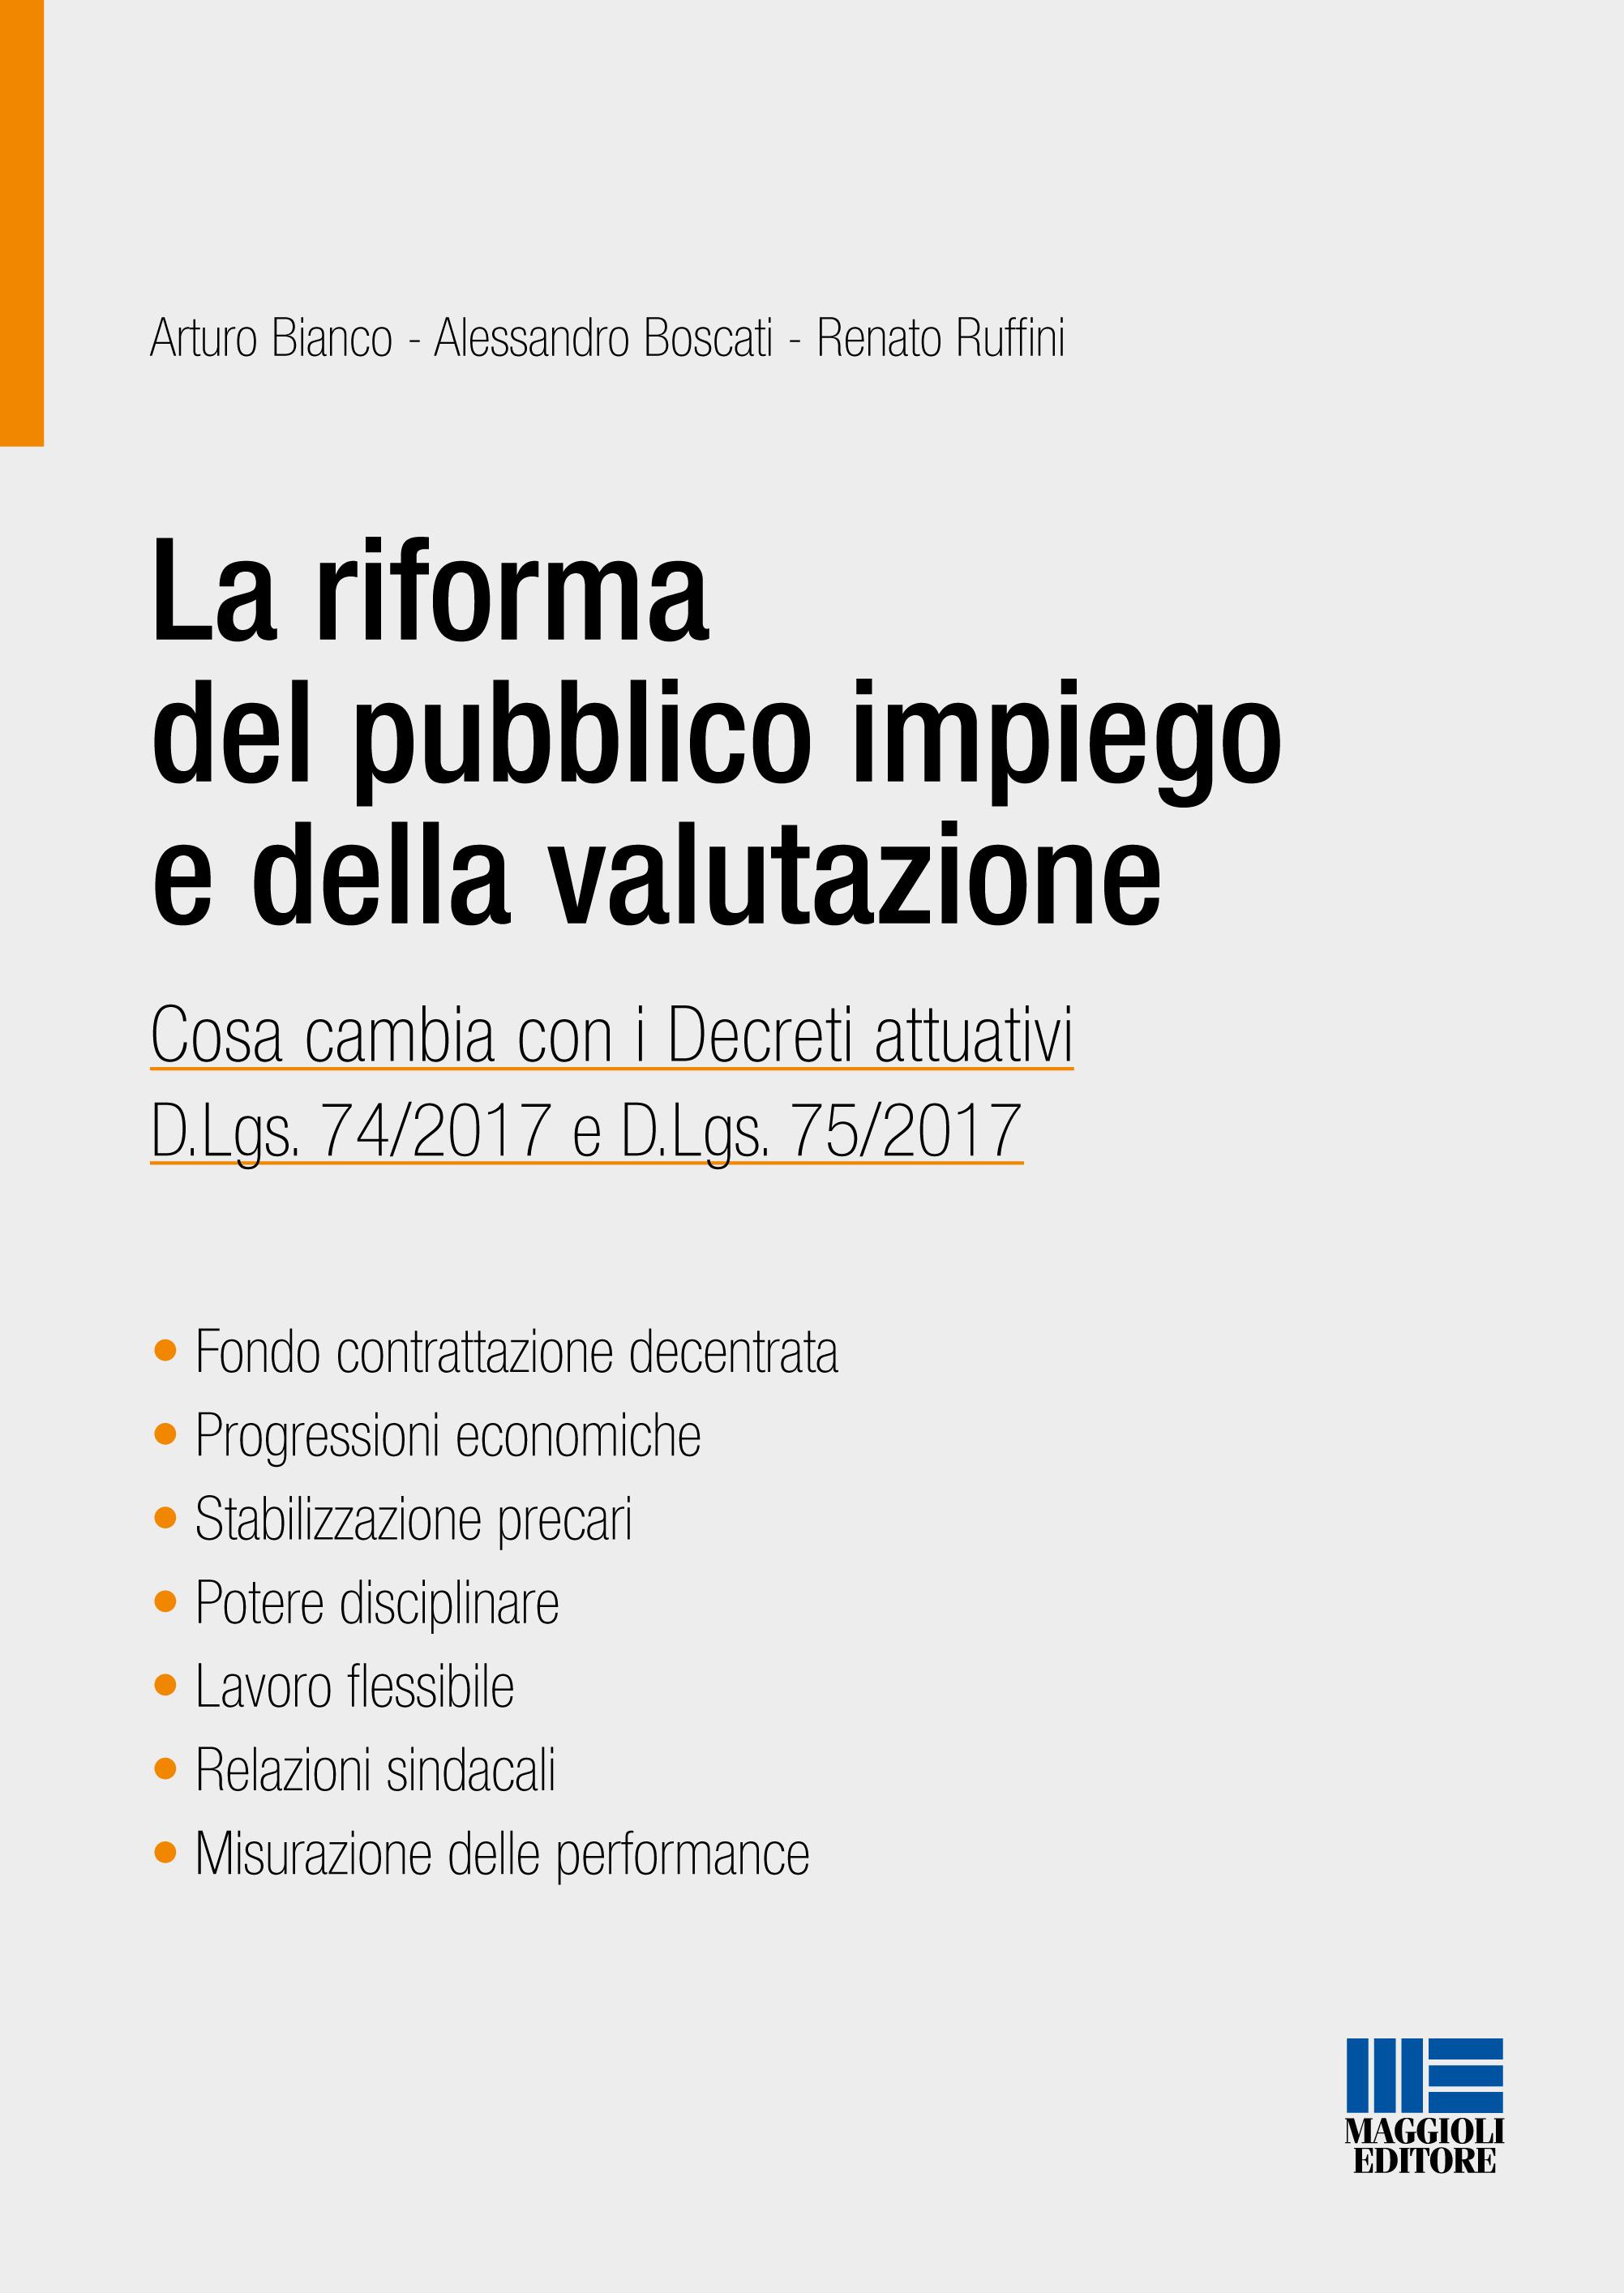 La riforma del pubblico impiego e della valutazione